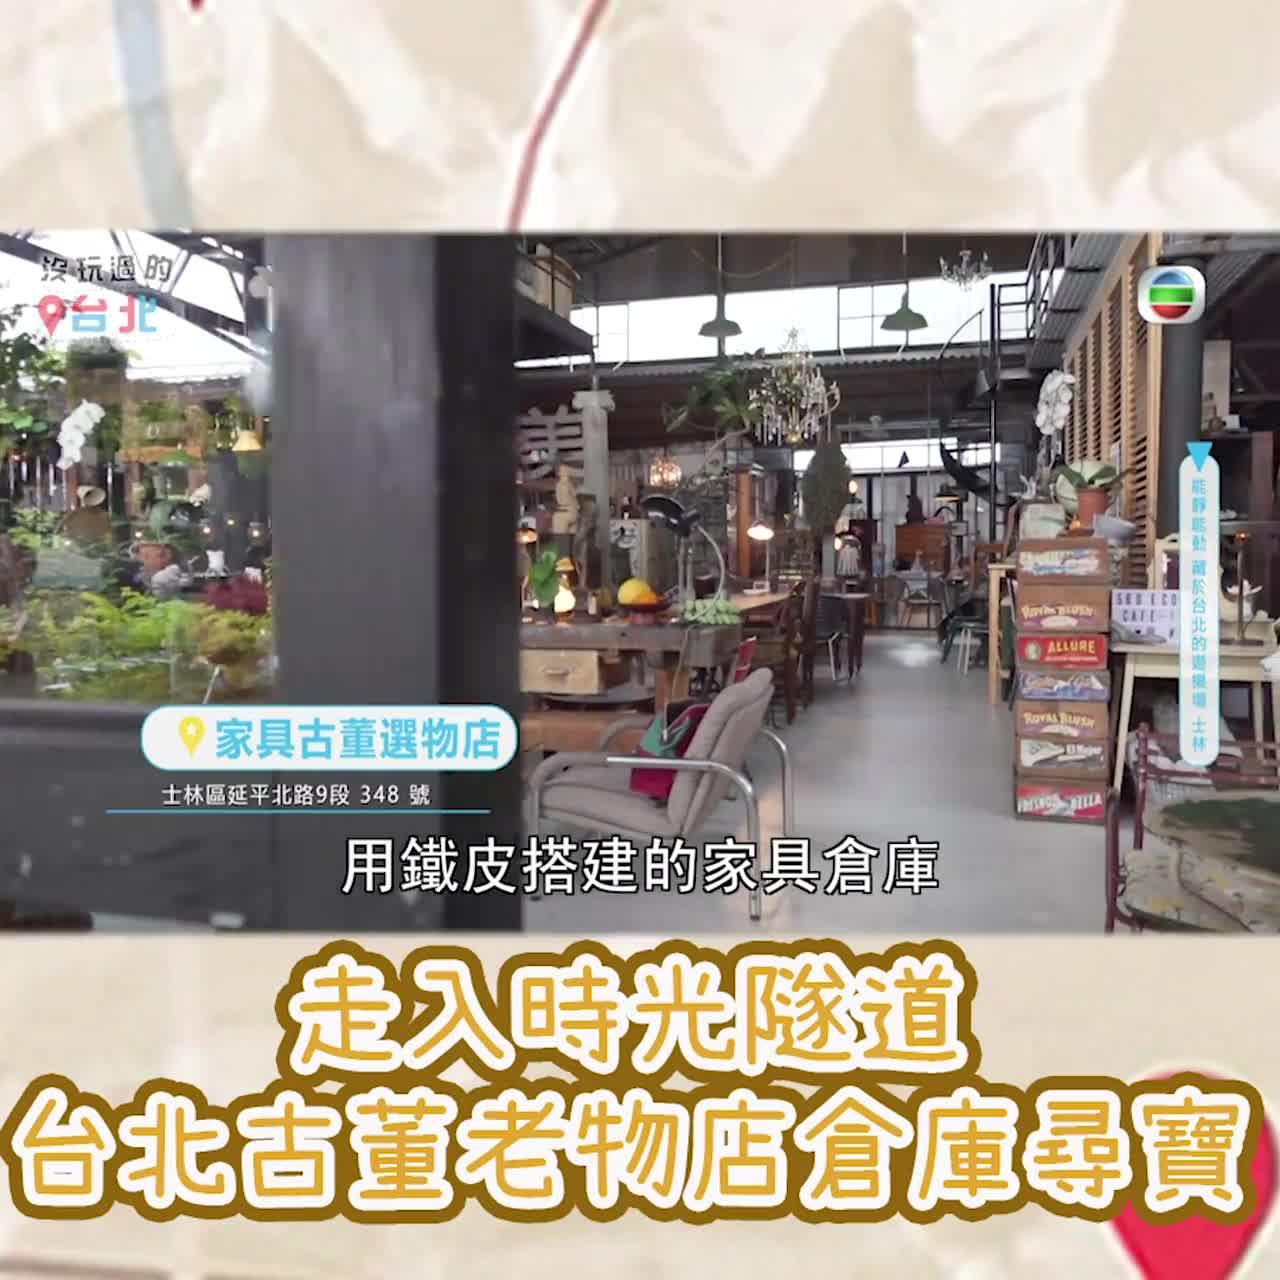 走入時光隧道 台北古董老物店倉庫尋寶